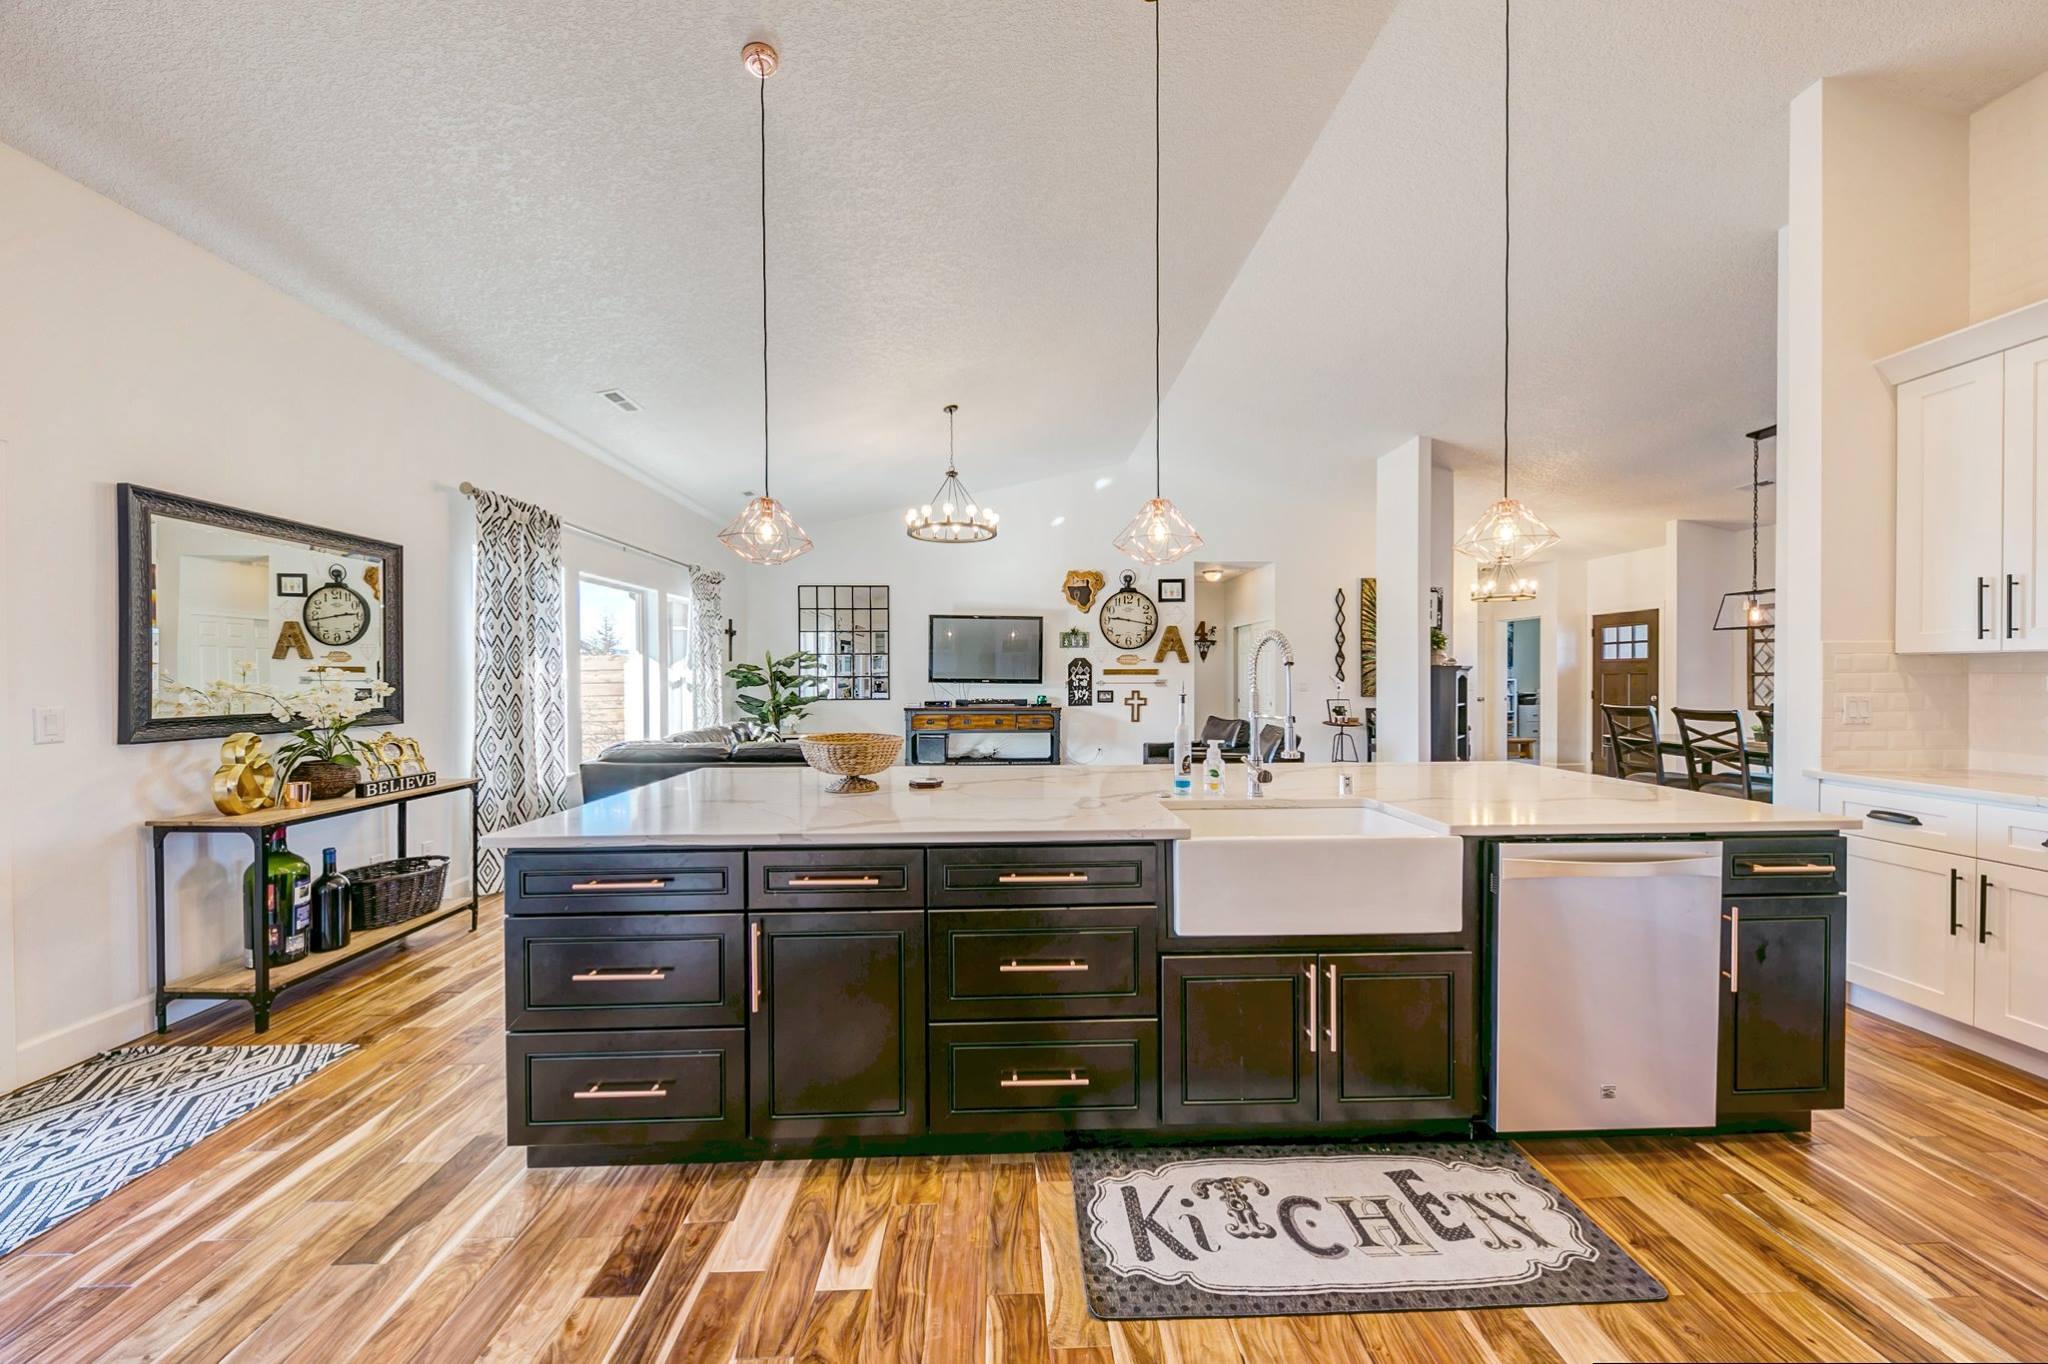 Best home floor plans for entertaining for Large home plans for entertaining